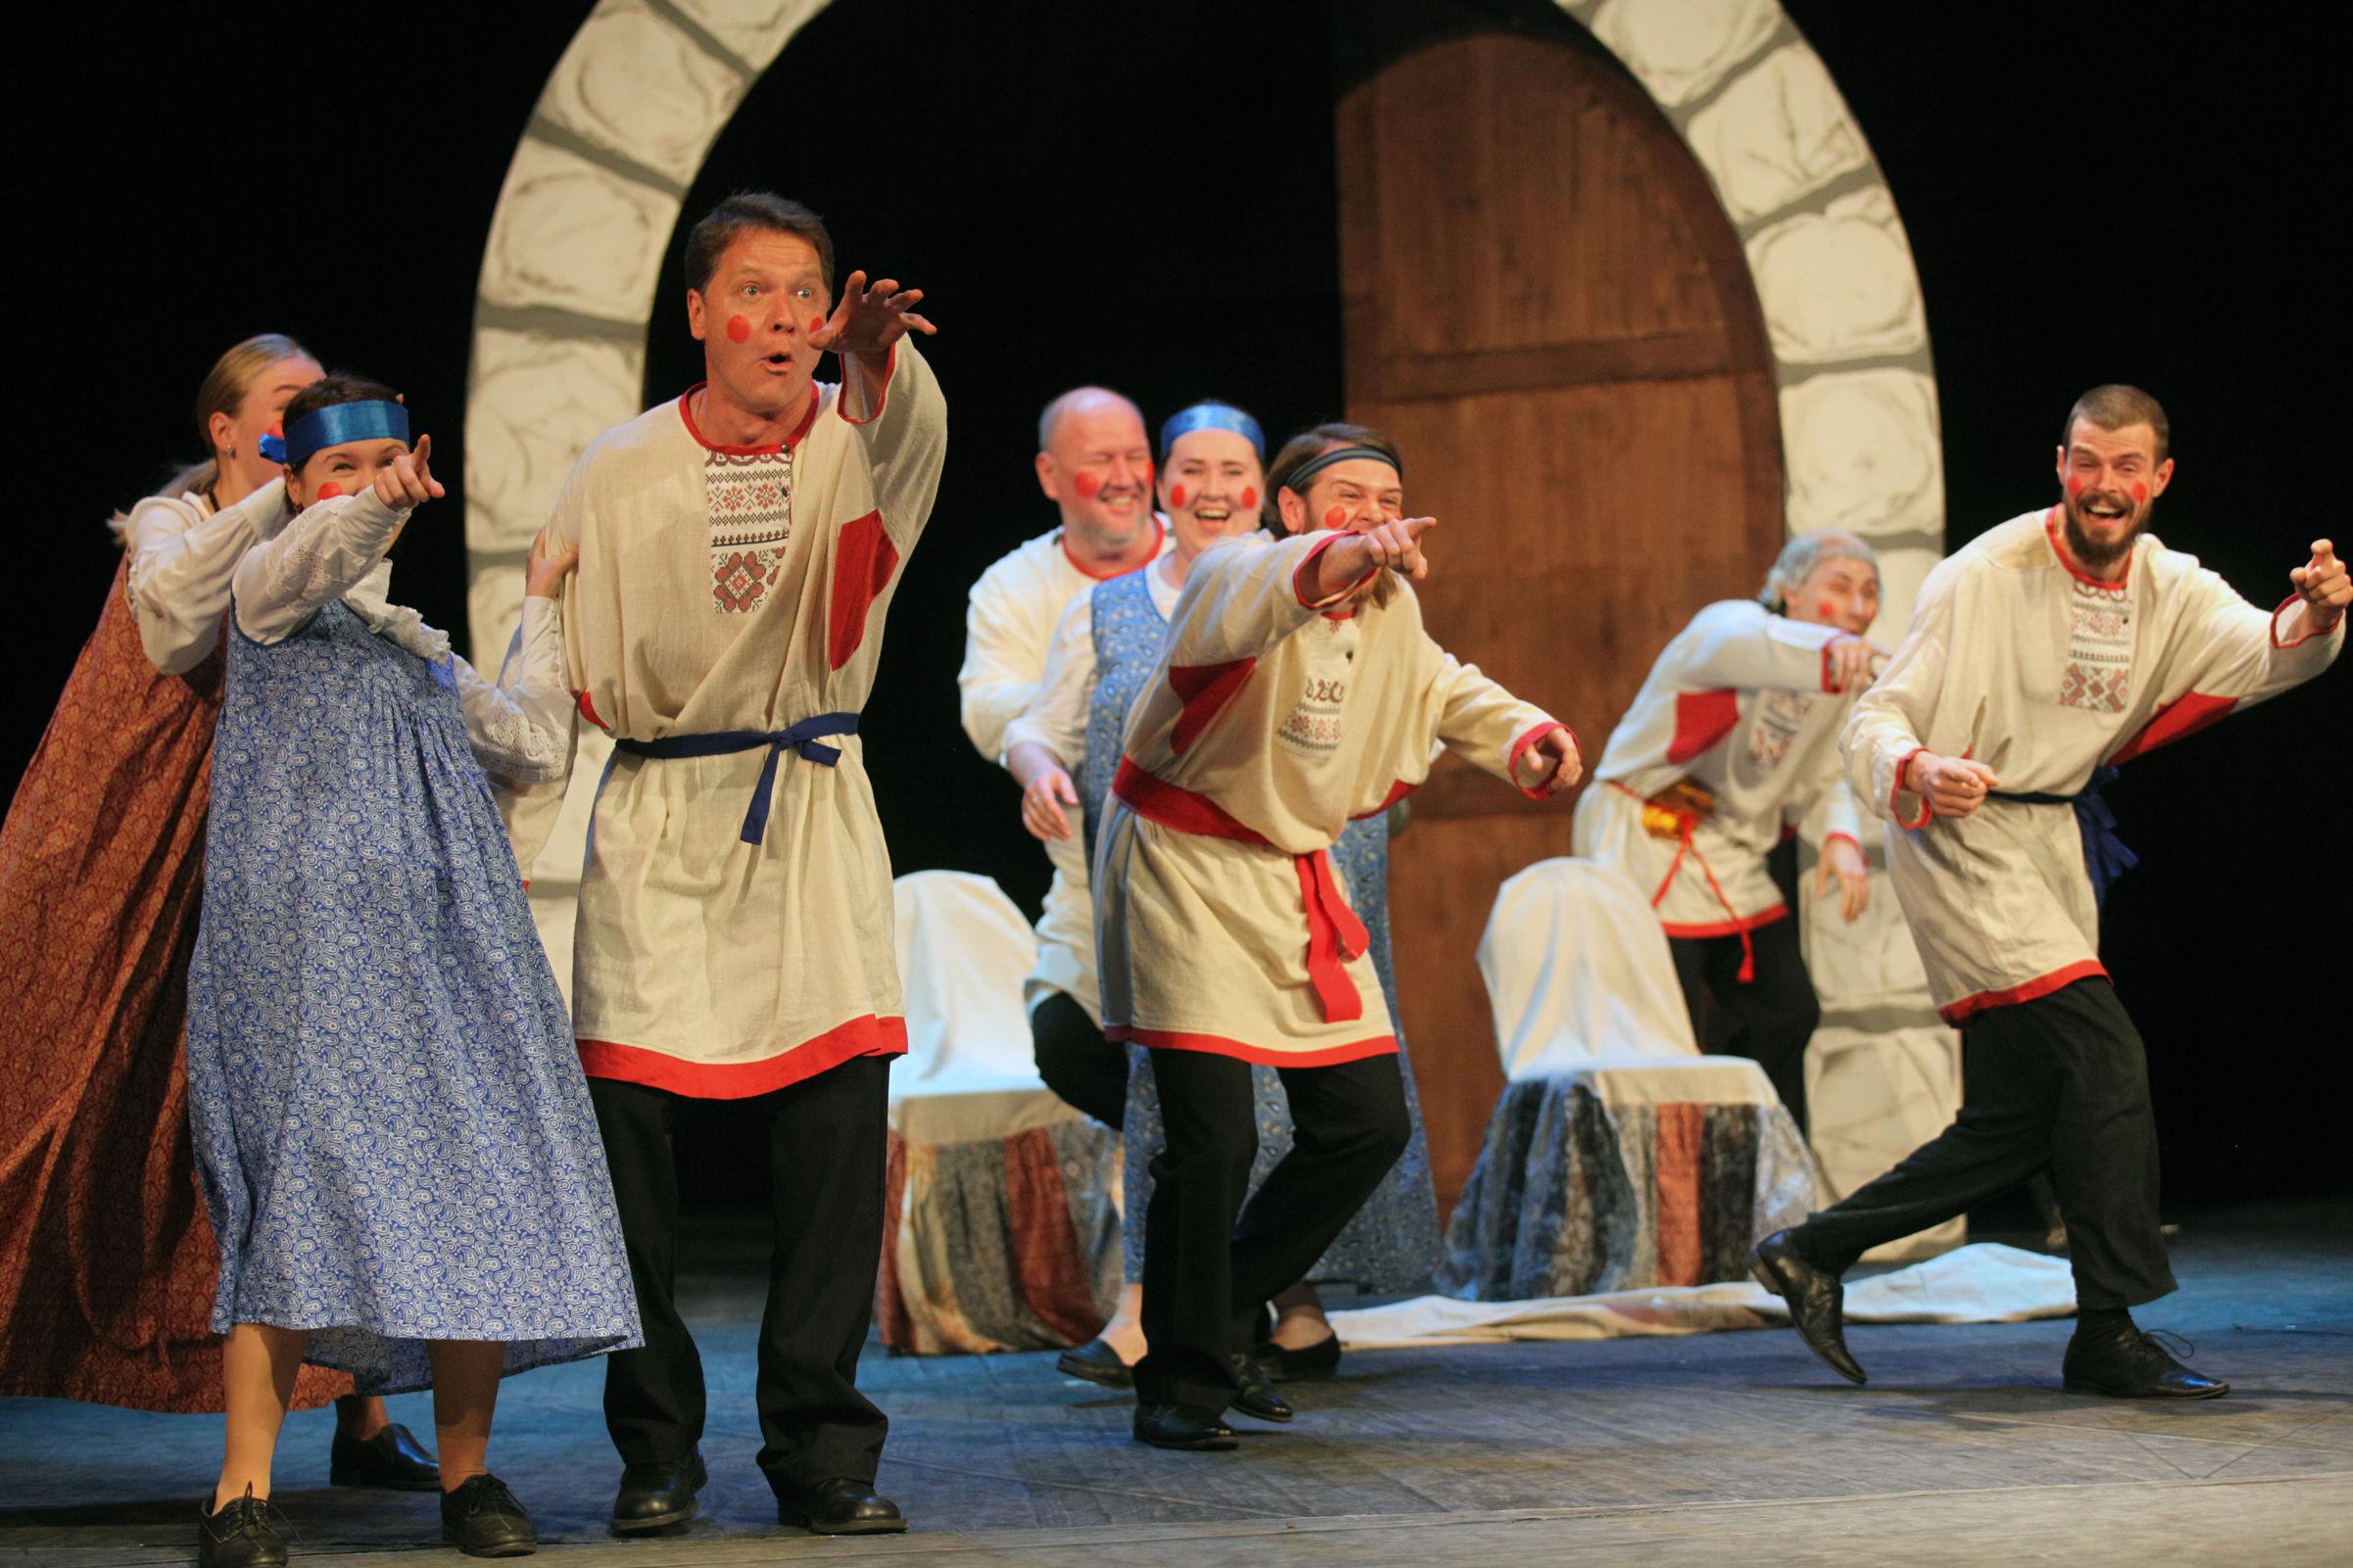 Коллективы из Ярославской области стали победителями всероссийского фестиваля «Охочие комедианты»